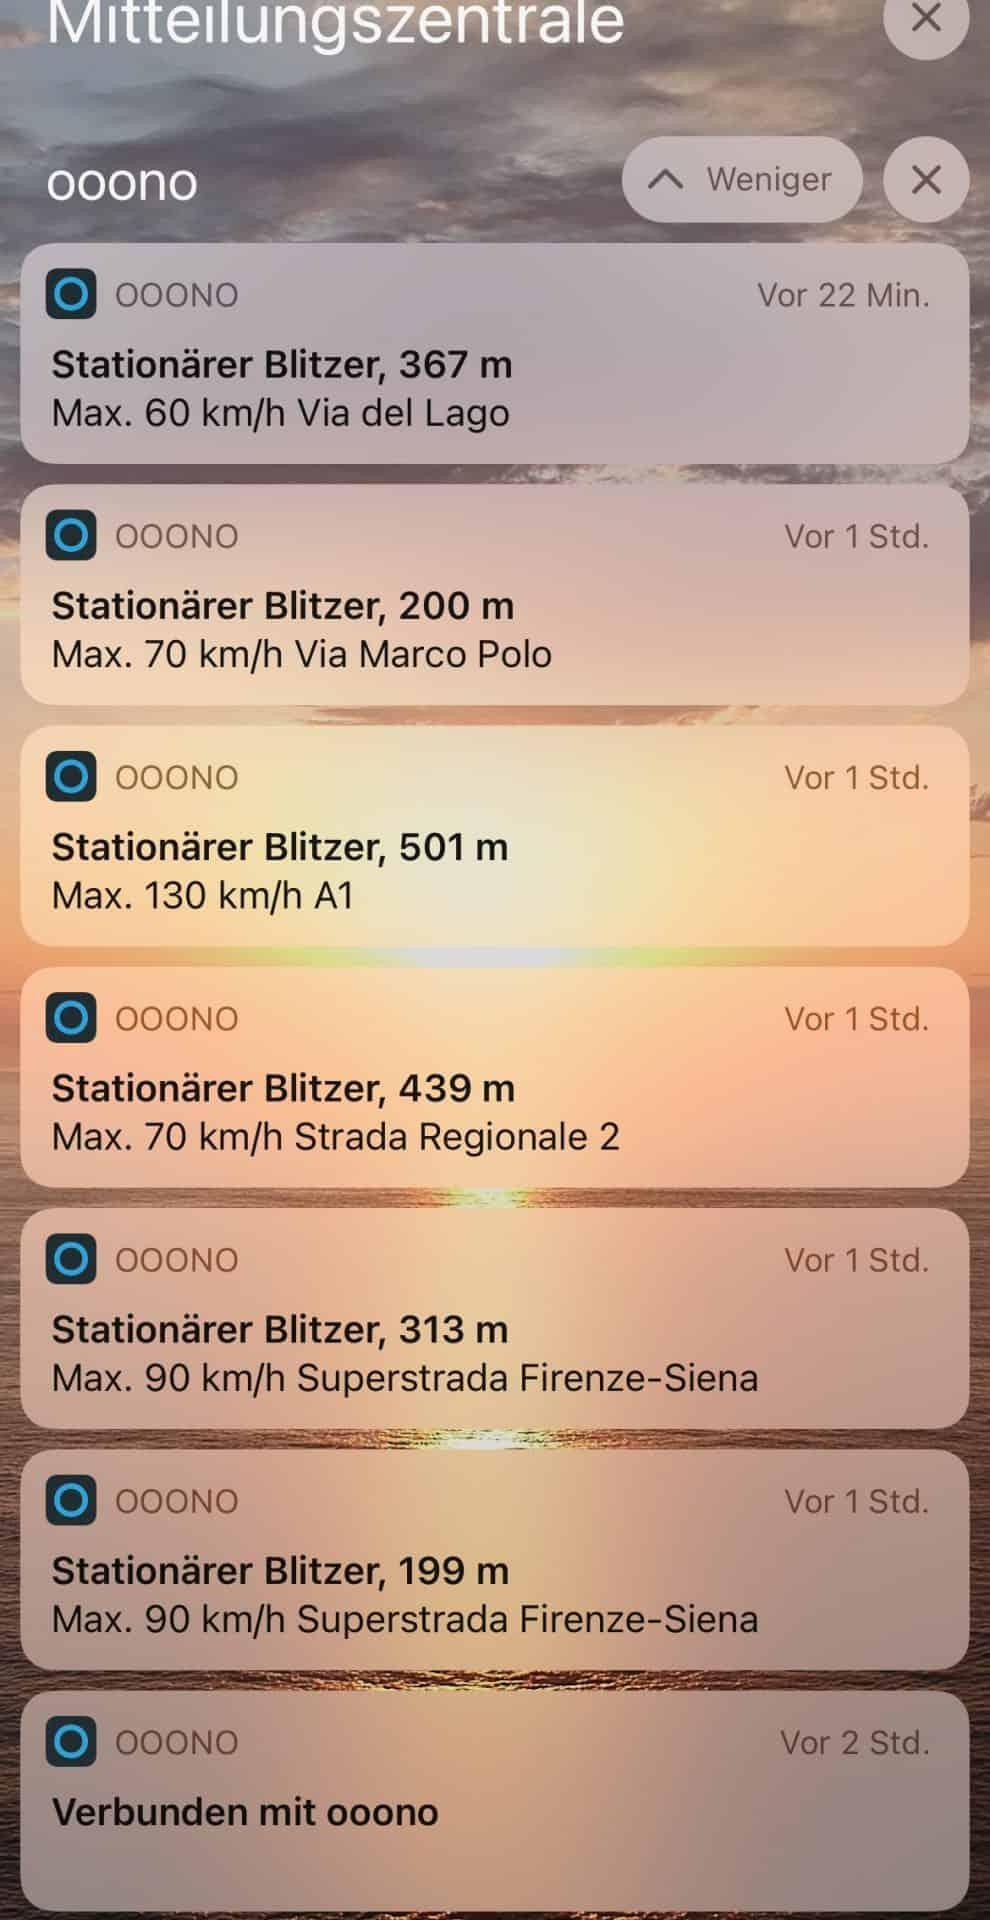 Italien-Biltzer-enorme-Blitzerdichte-Ooonu-Benachrichtigungen